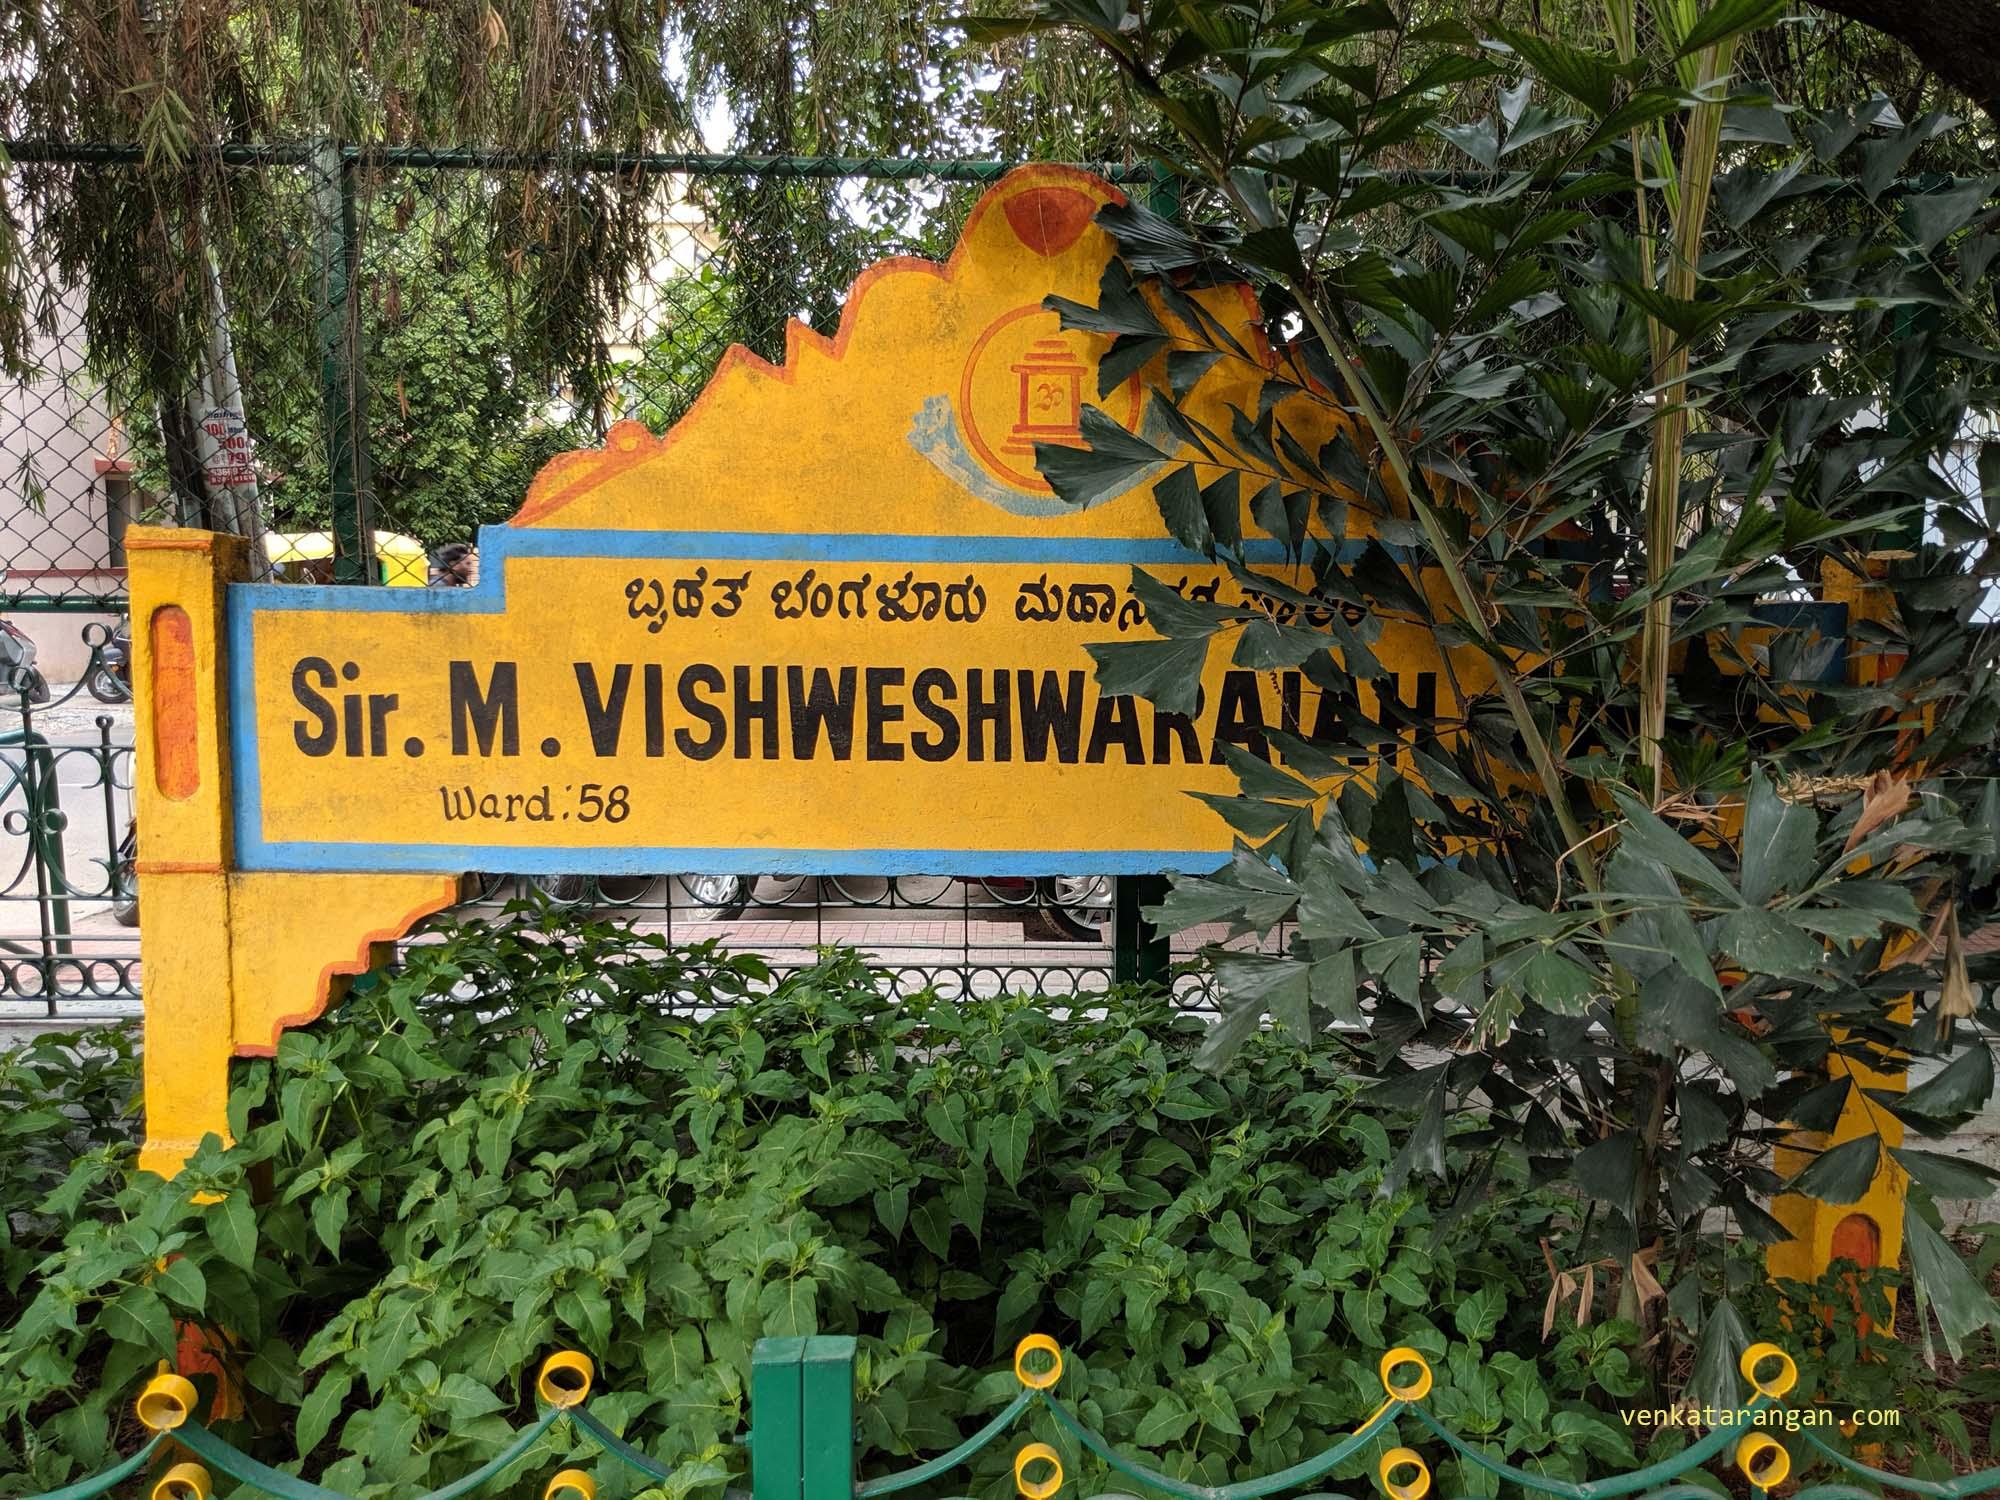 Sir M.Vishweshwaraiah Park